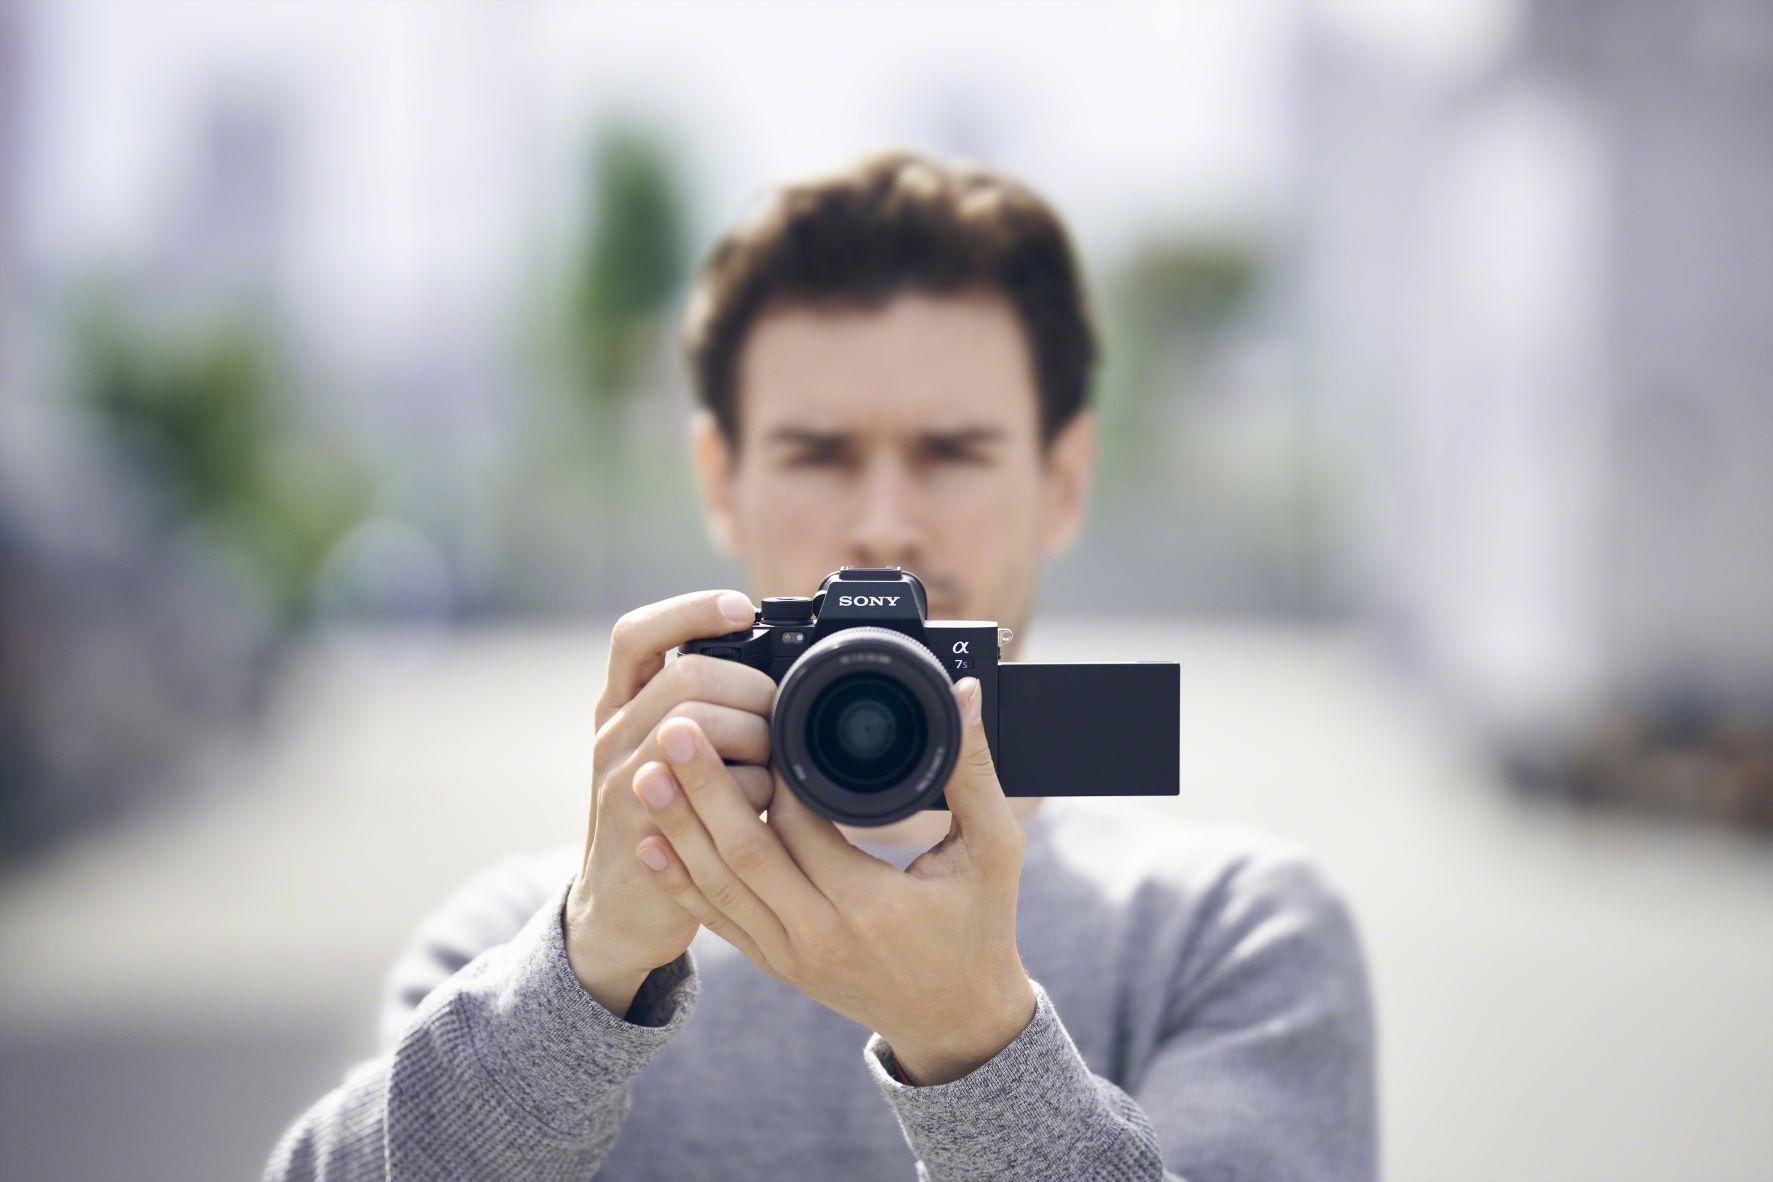 ¿Cómo iniciar en la fotografía? Pregúntale a los expertos